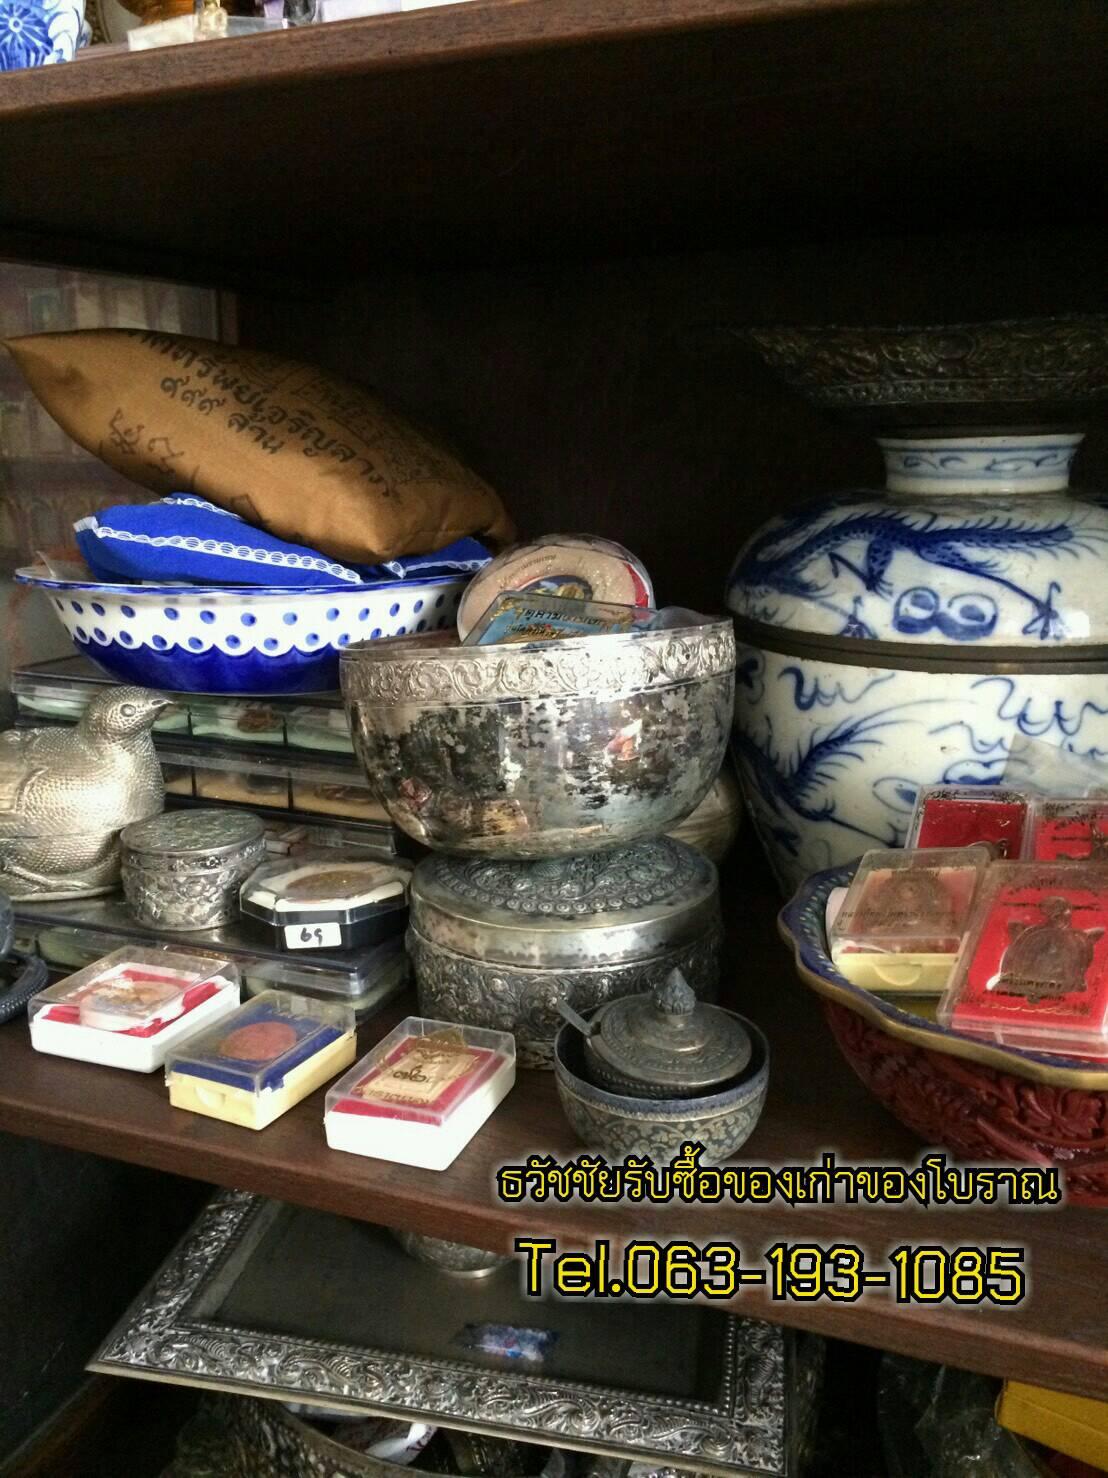 รับซื้อของโบราณ รับซื้อของสะสมเก่า รับเช่าพระ รับซื้อเครื่องเงินเก่า รับซื้องานทองเหลือเก่า รับซื้อของโชว์เก่า รับเช่าพระ